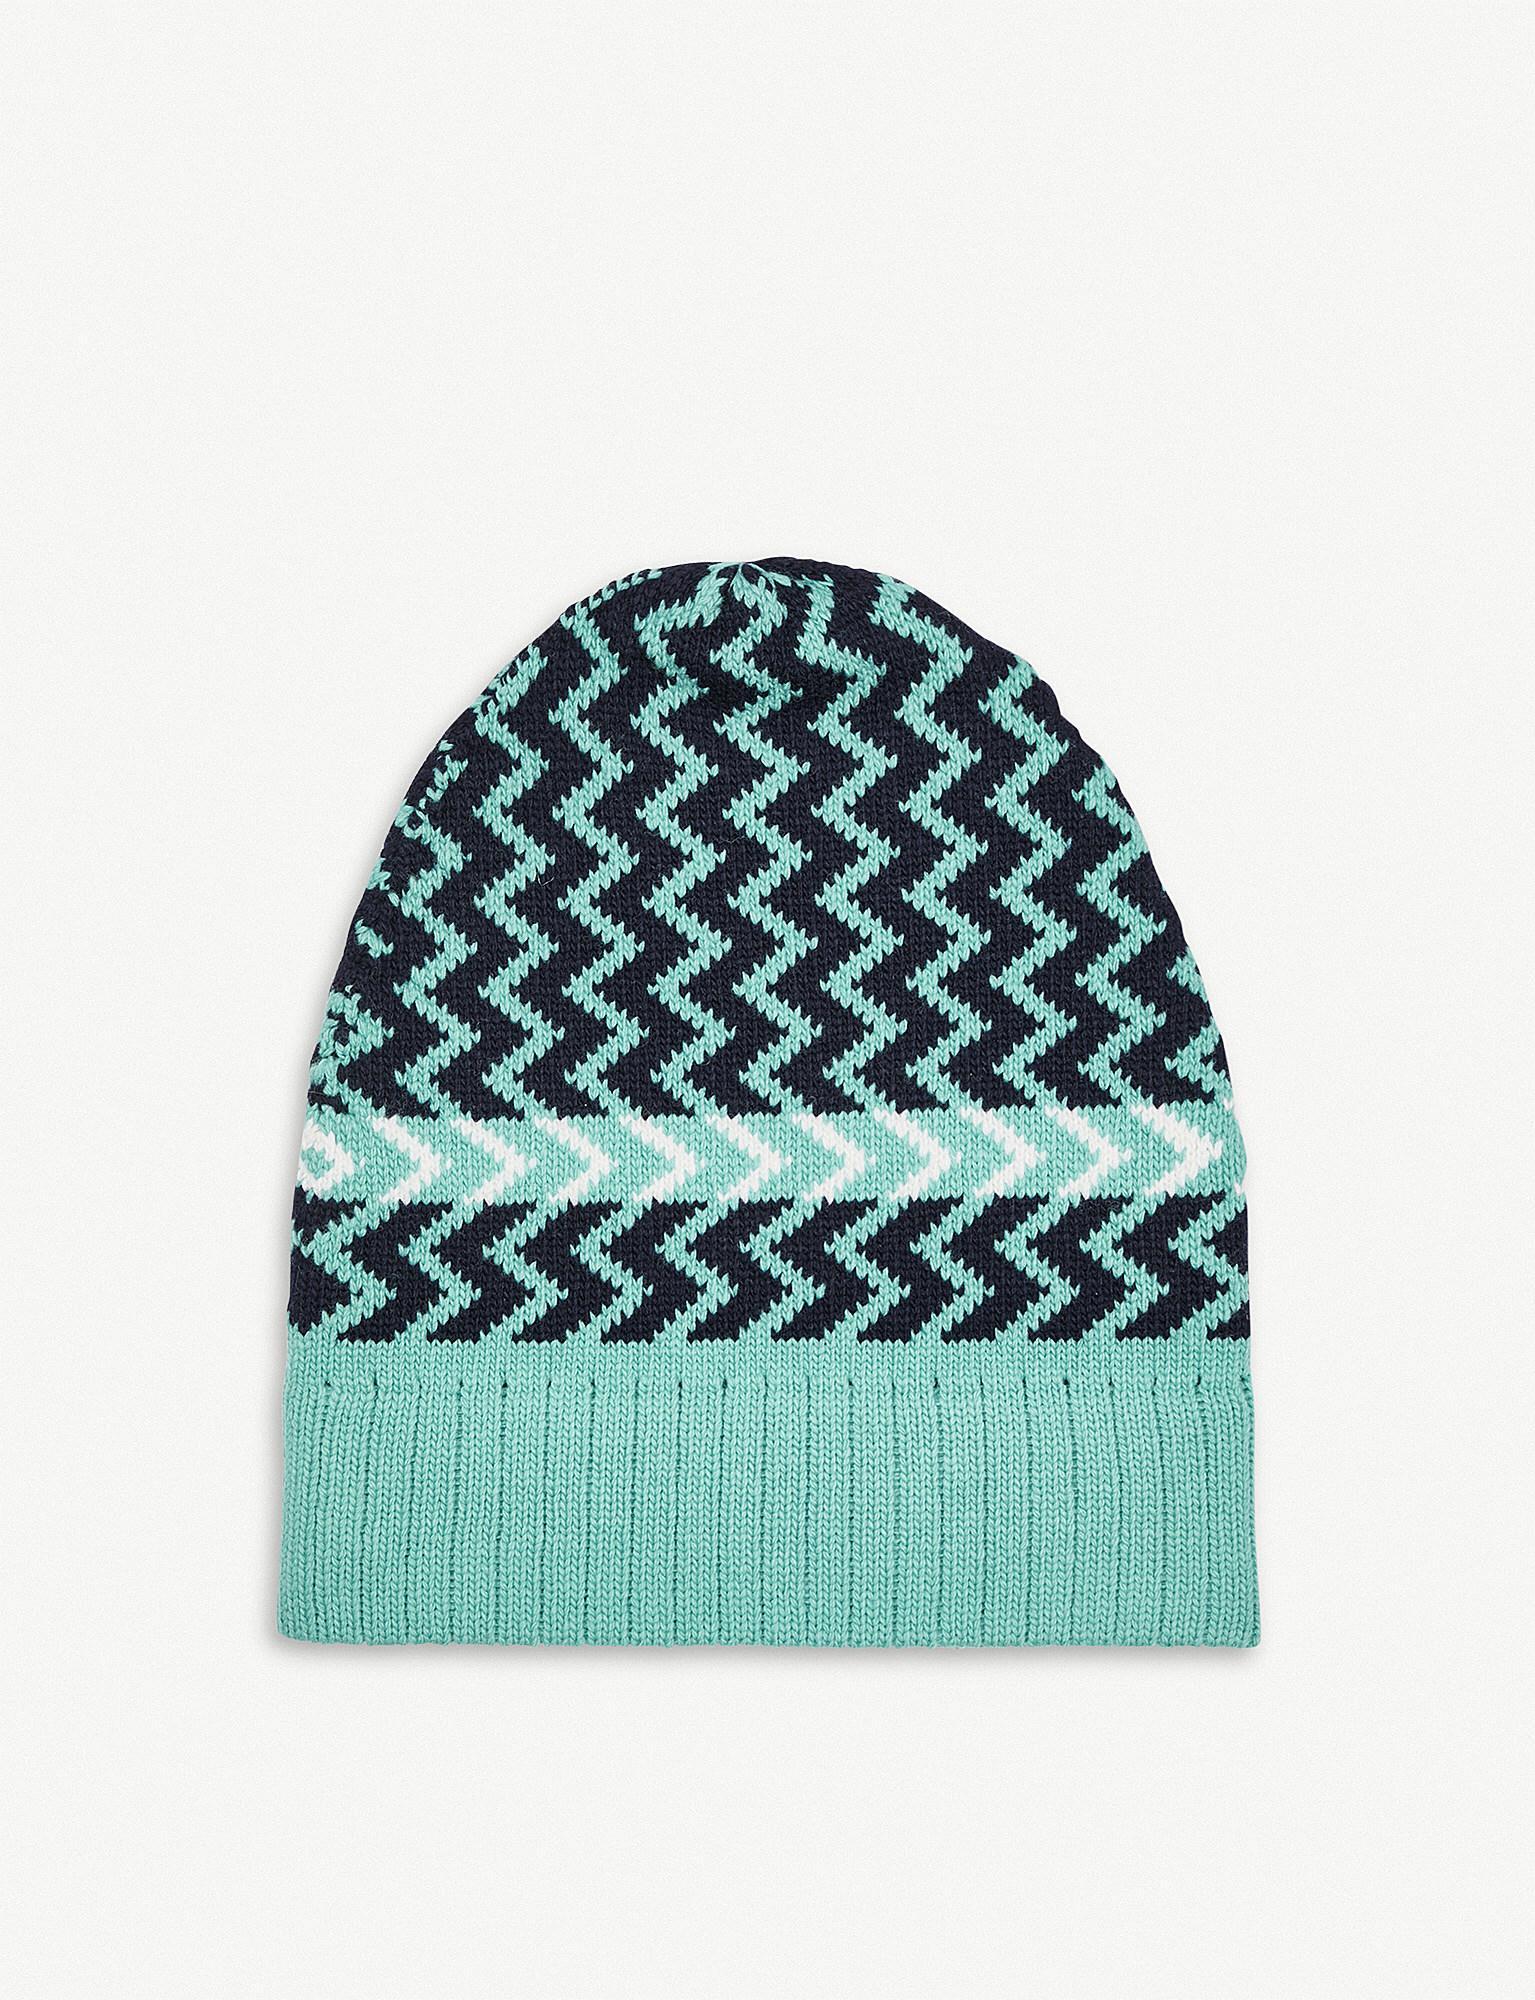 67d9da2cf8d Gucci. Men s Blue Zig-zag Knitted Wool Hat. £160 £32 From Selfridges